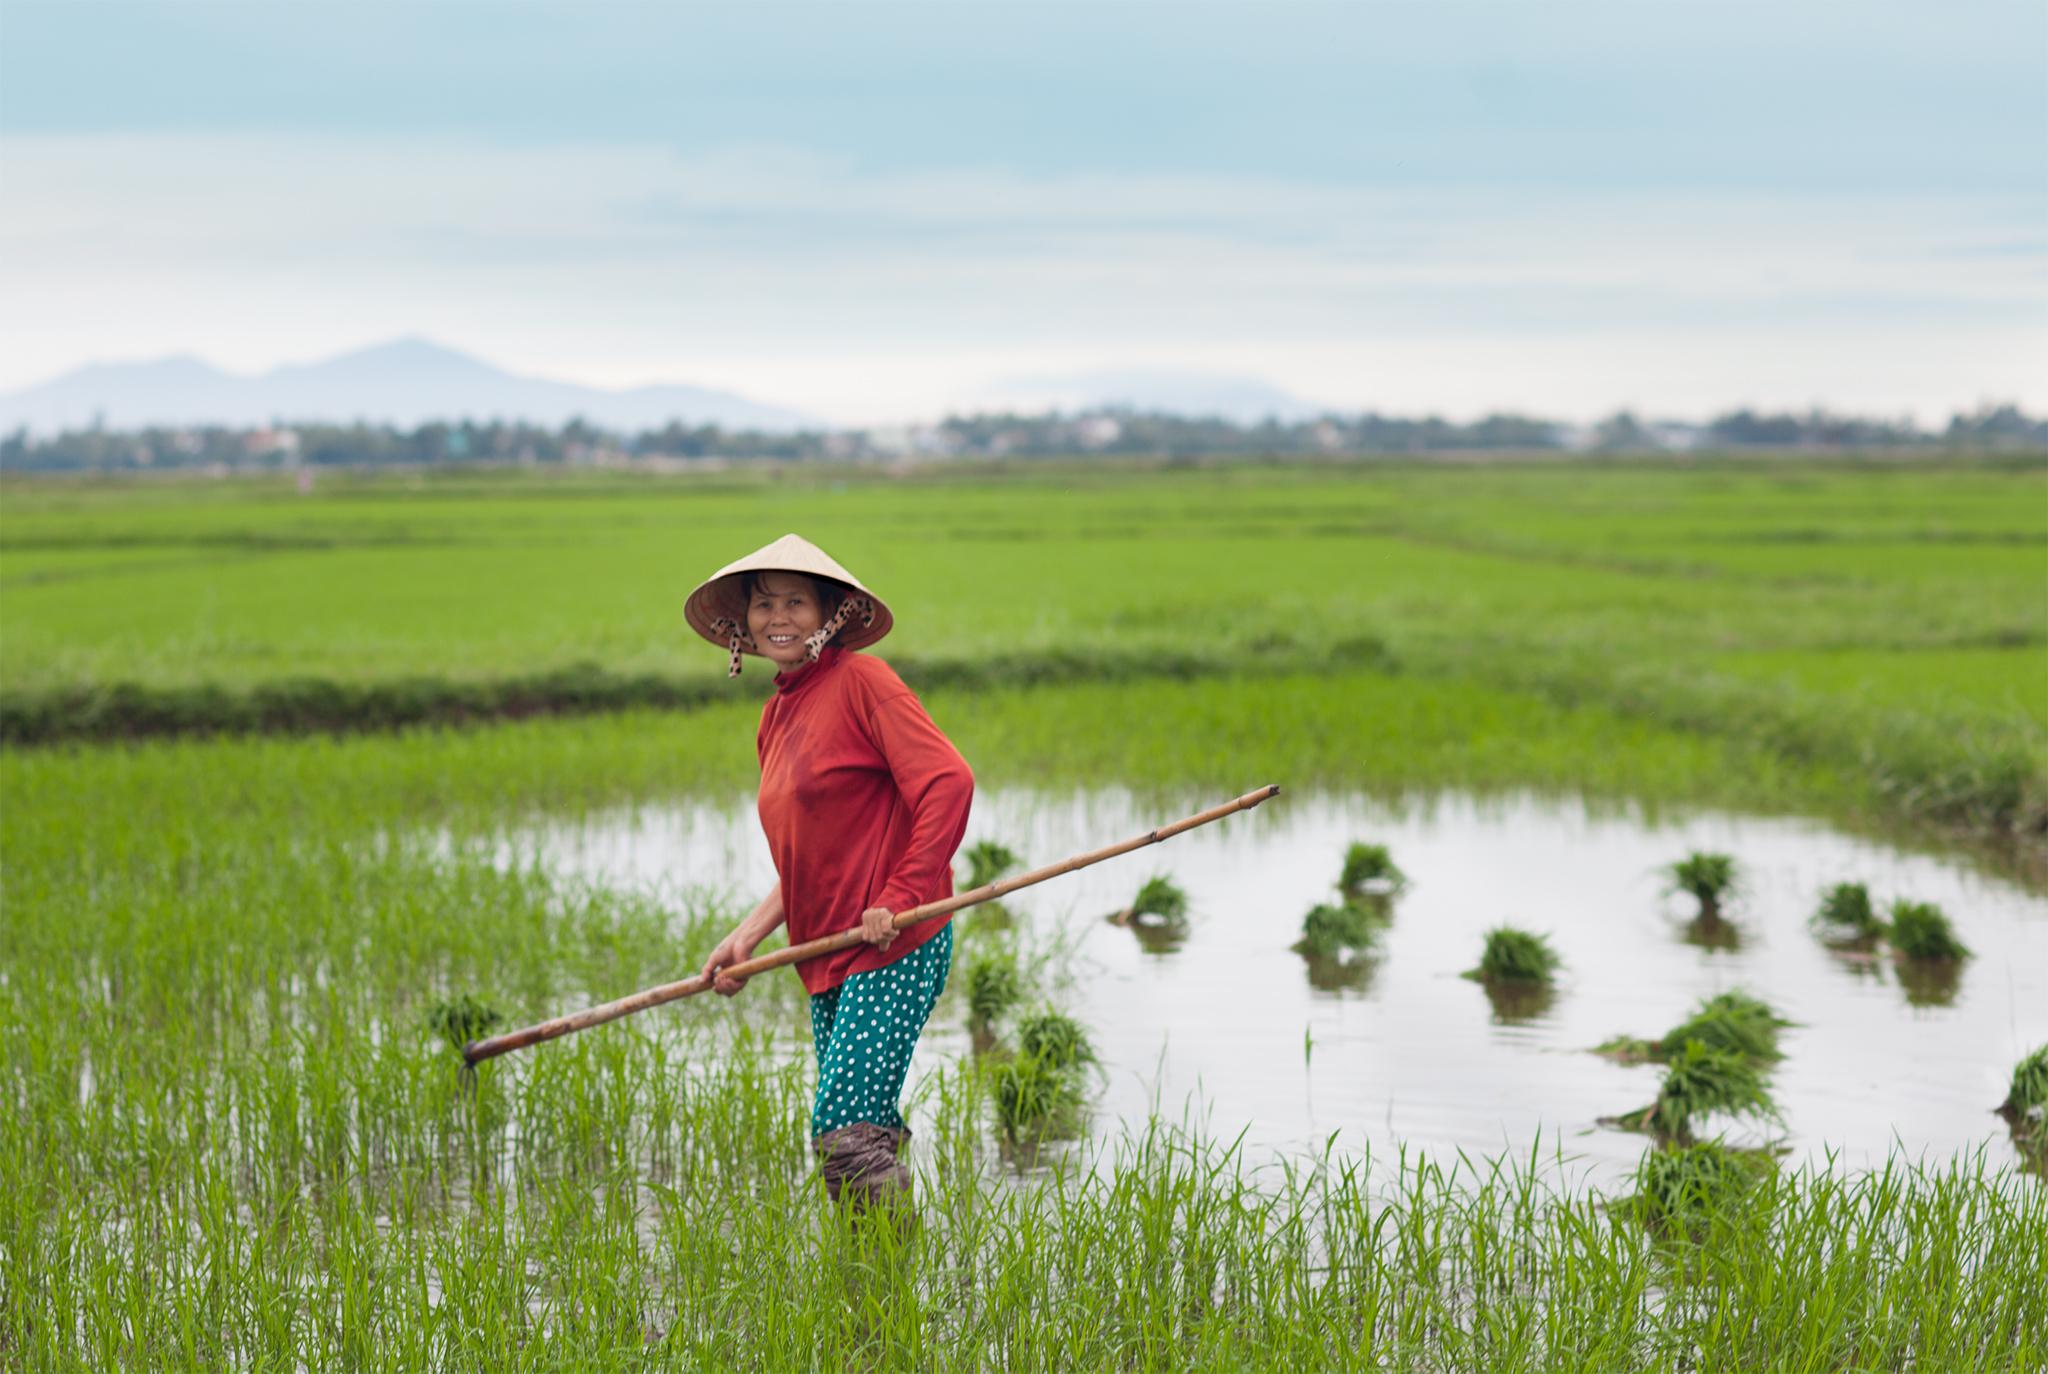 qfb+-+Hoi+An3-+Vietnam+-93LR.jpg